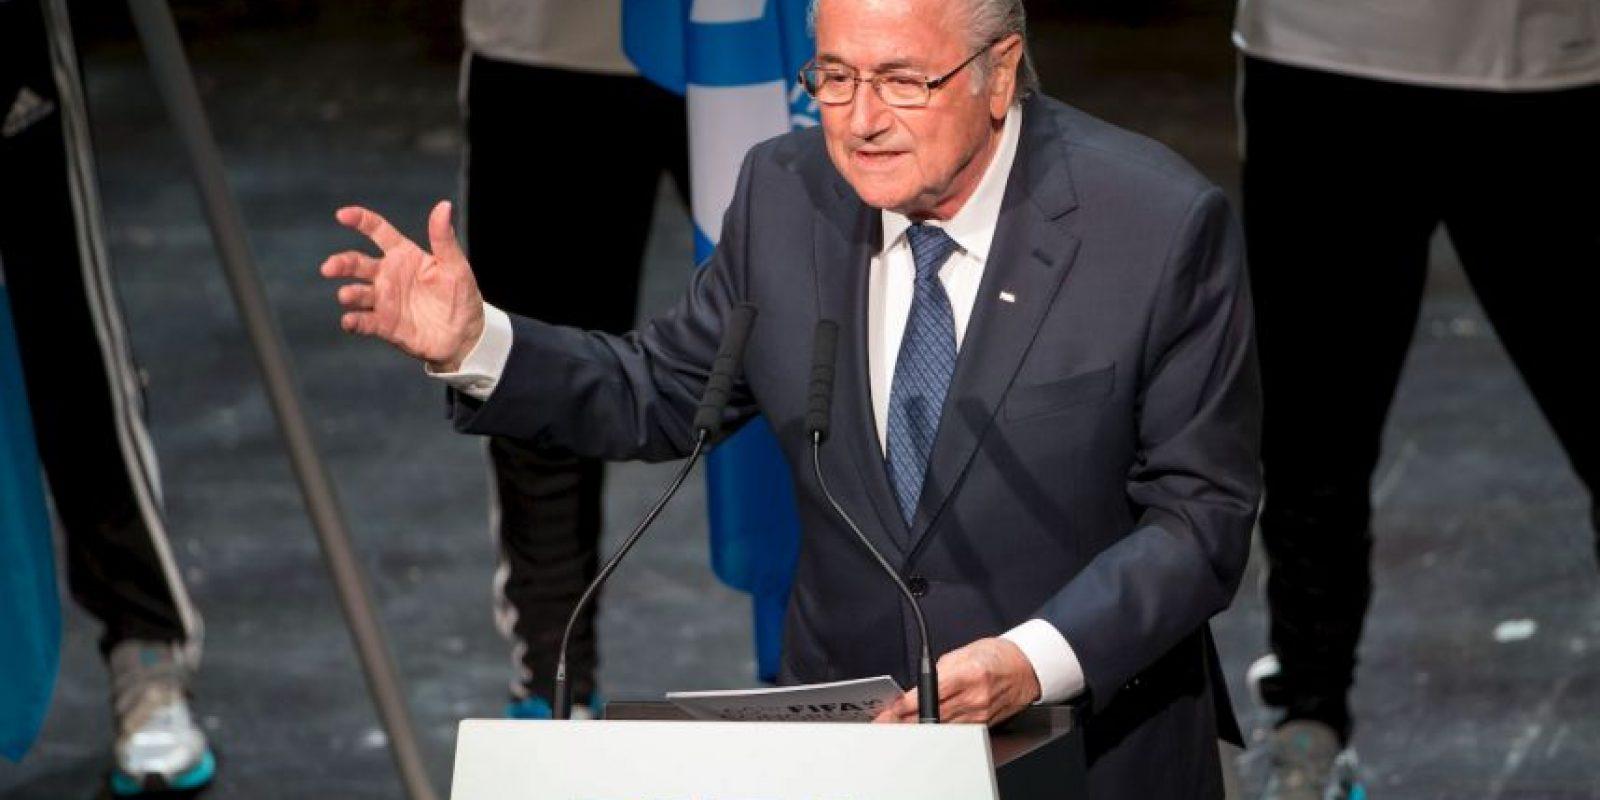 Esto se dio en medio de un escándalo de corrupción que envuelve a la FIFA luego de que fueran arrestados varios dirigentes de la organización el pasado 27 de mayo. Foto:Getty Images